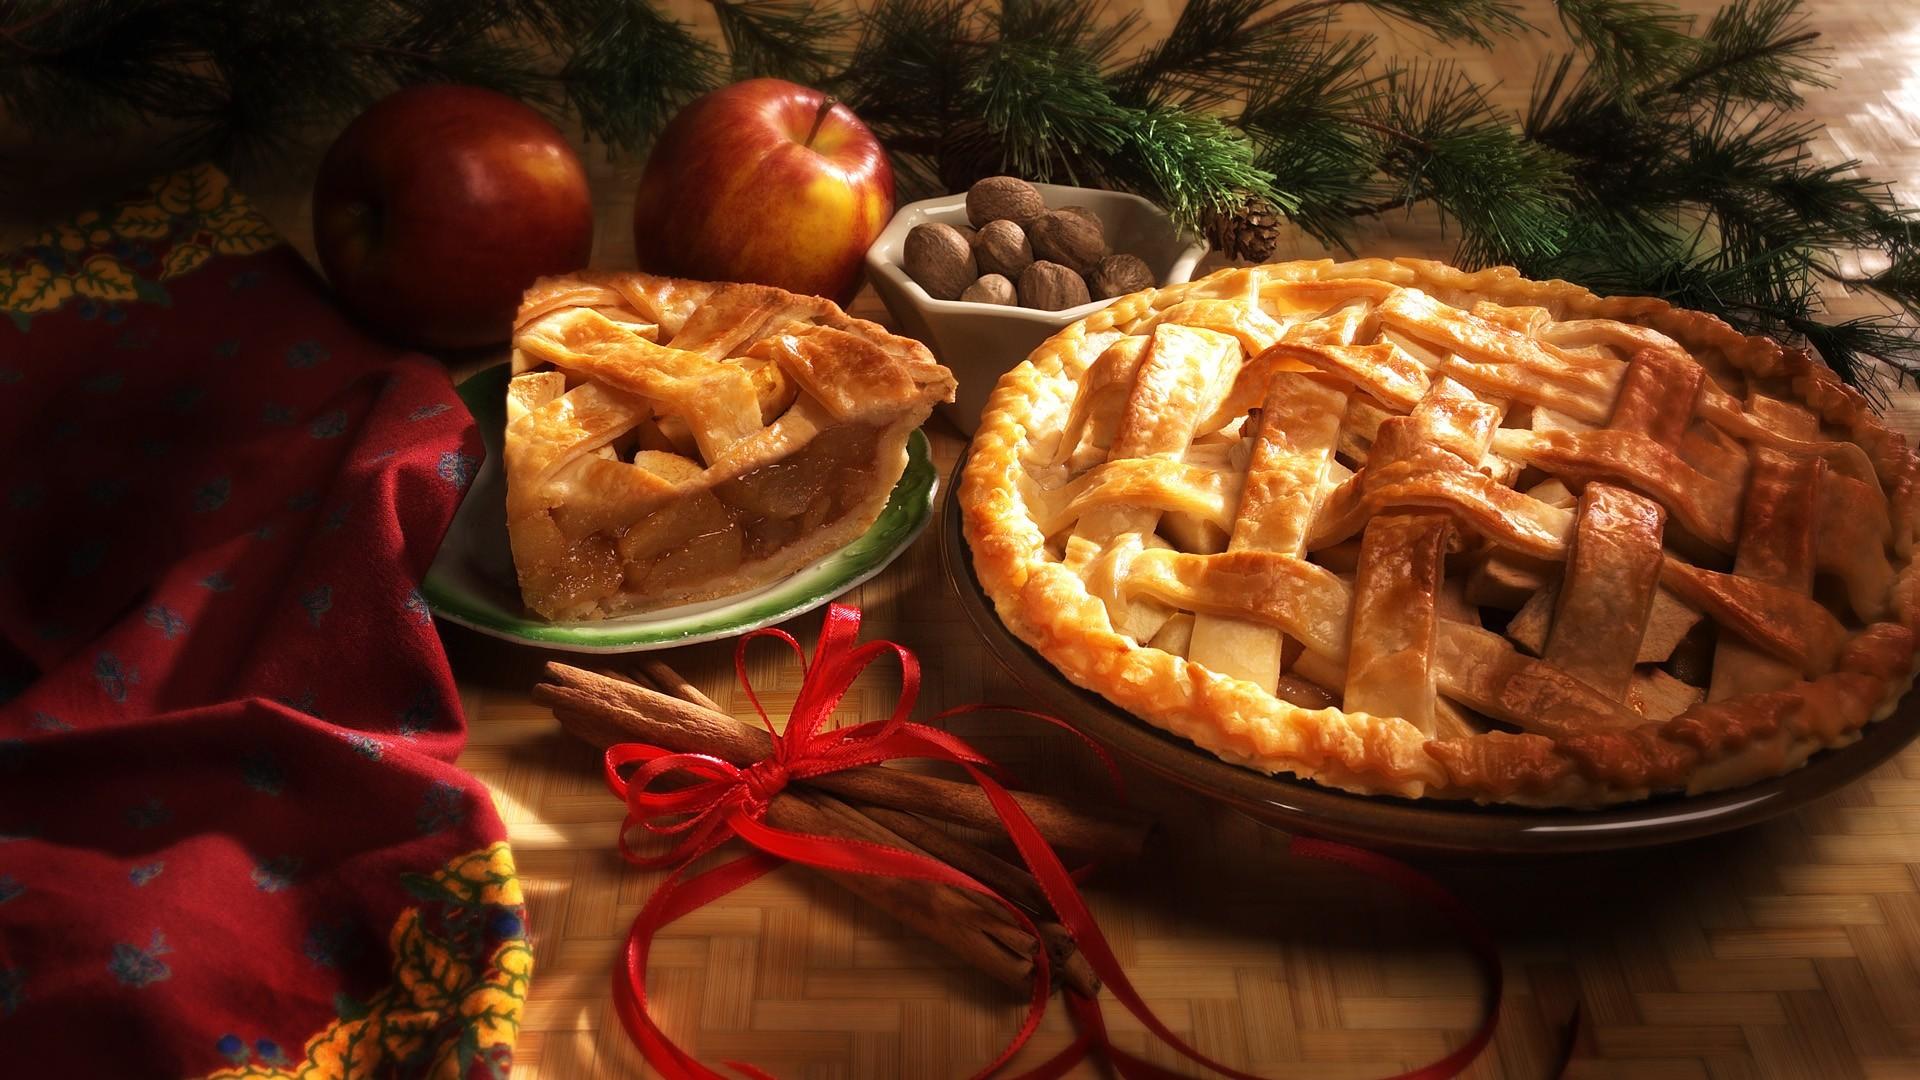 кредитная праздничная выпечка картинки собраны лучшие